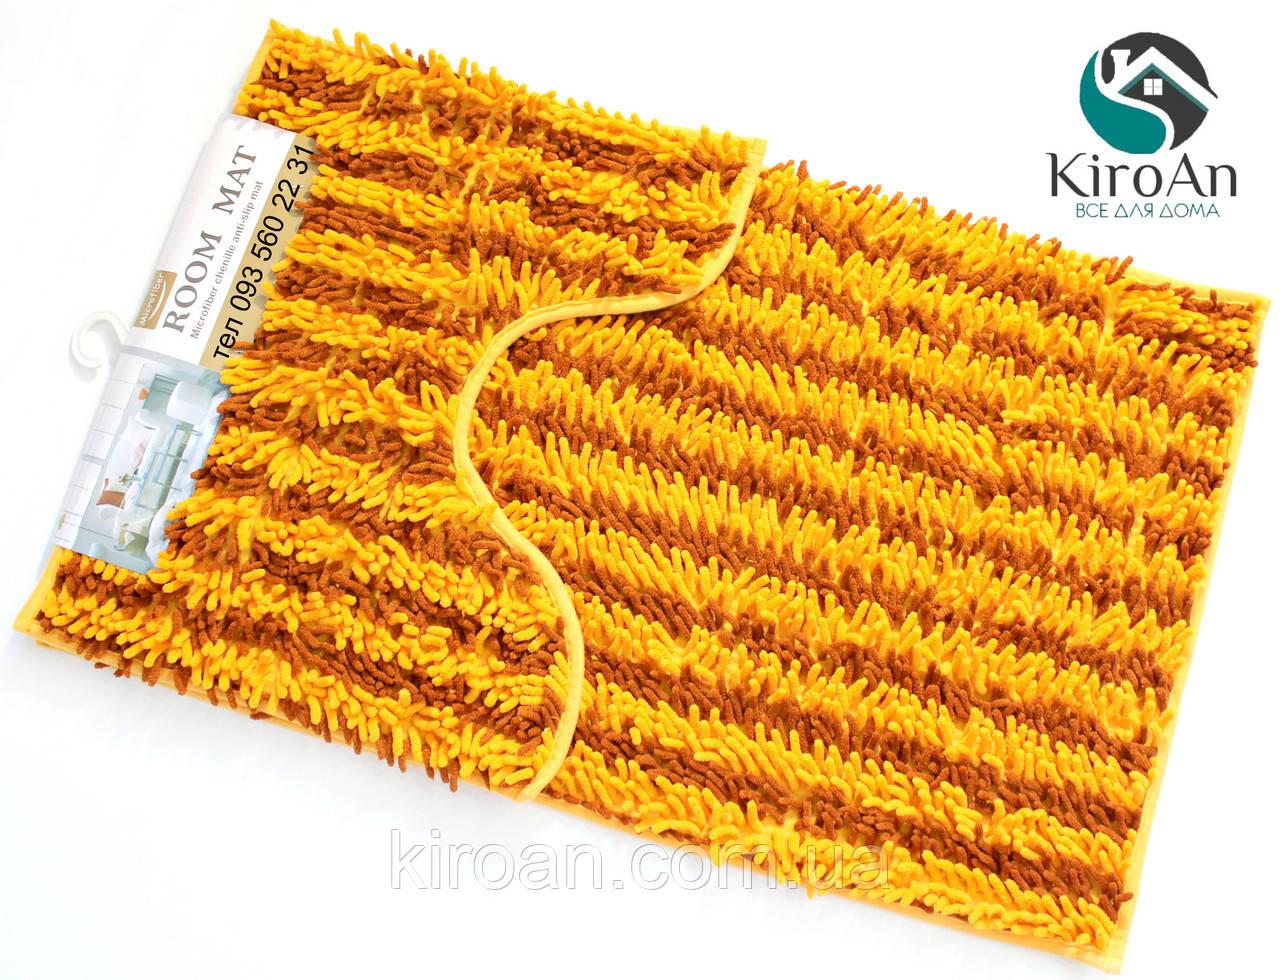 Набор из 2-х ковриков из микрофибры (Лапша оранжевая полоска) 80*50 см и 40*50 см (с вырезом)